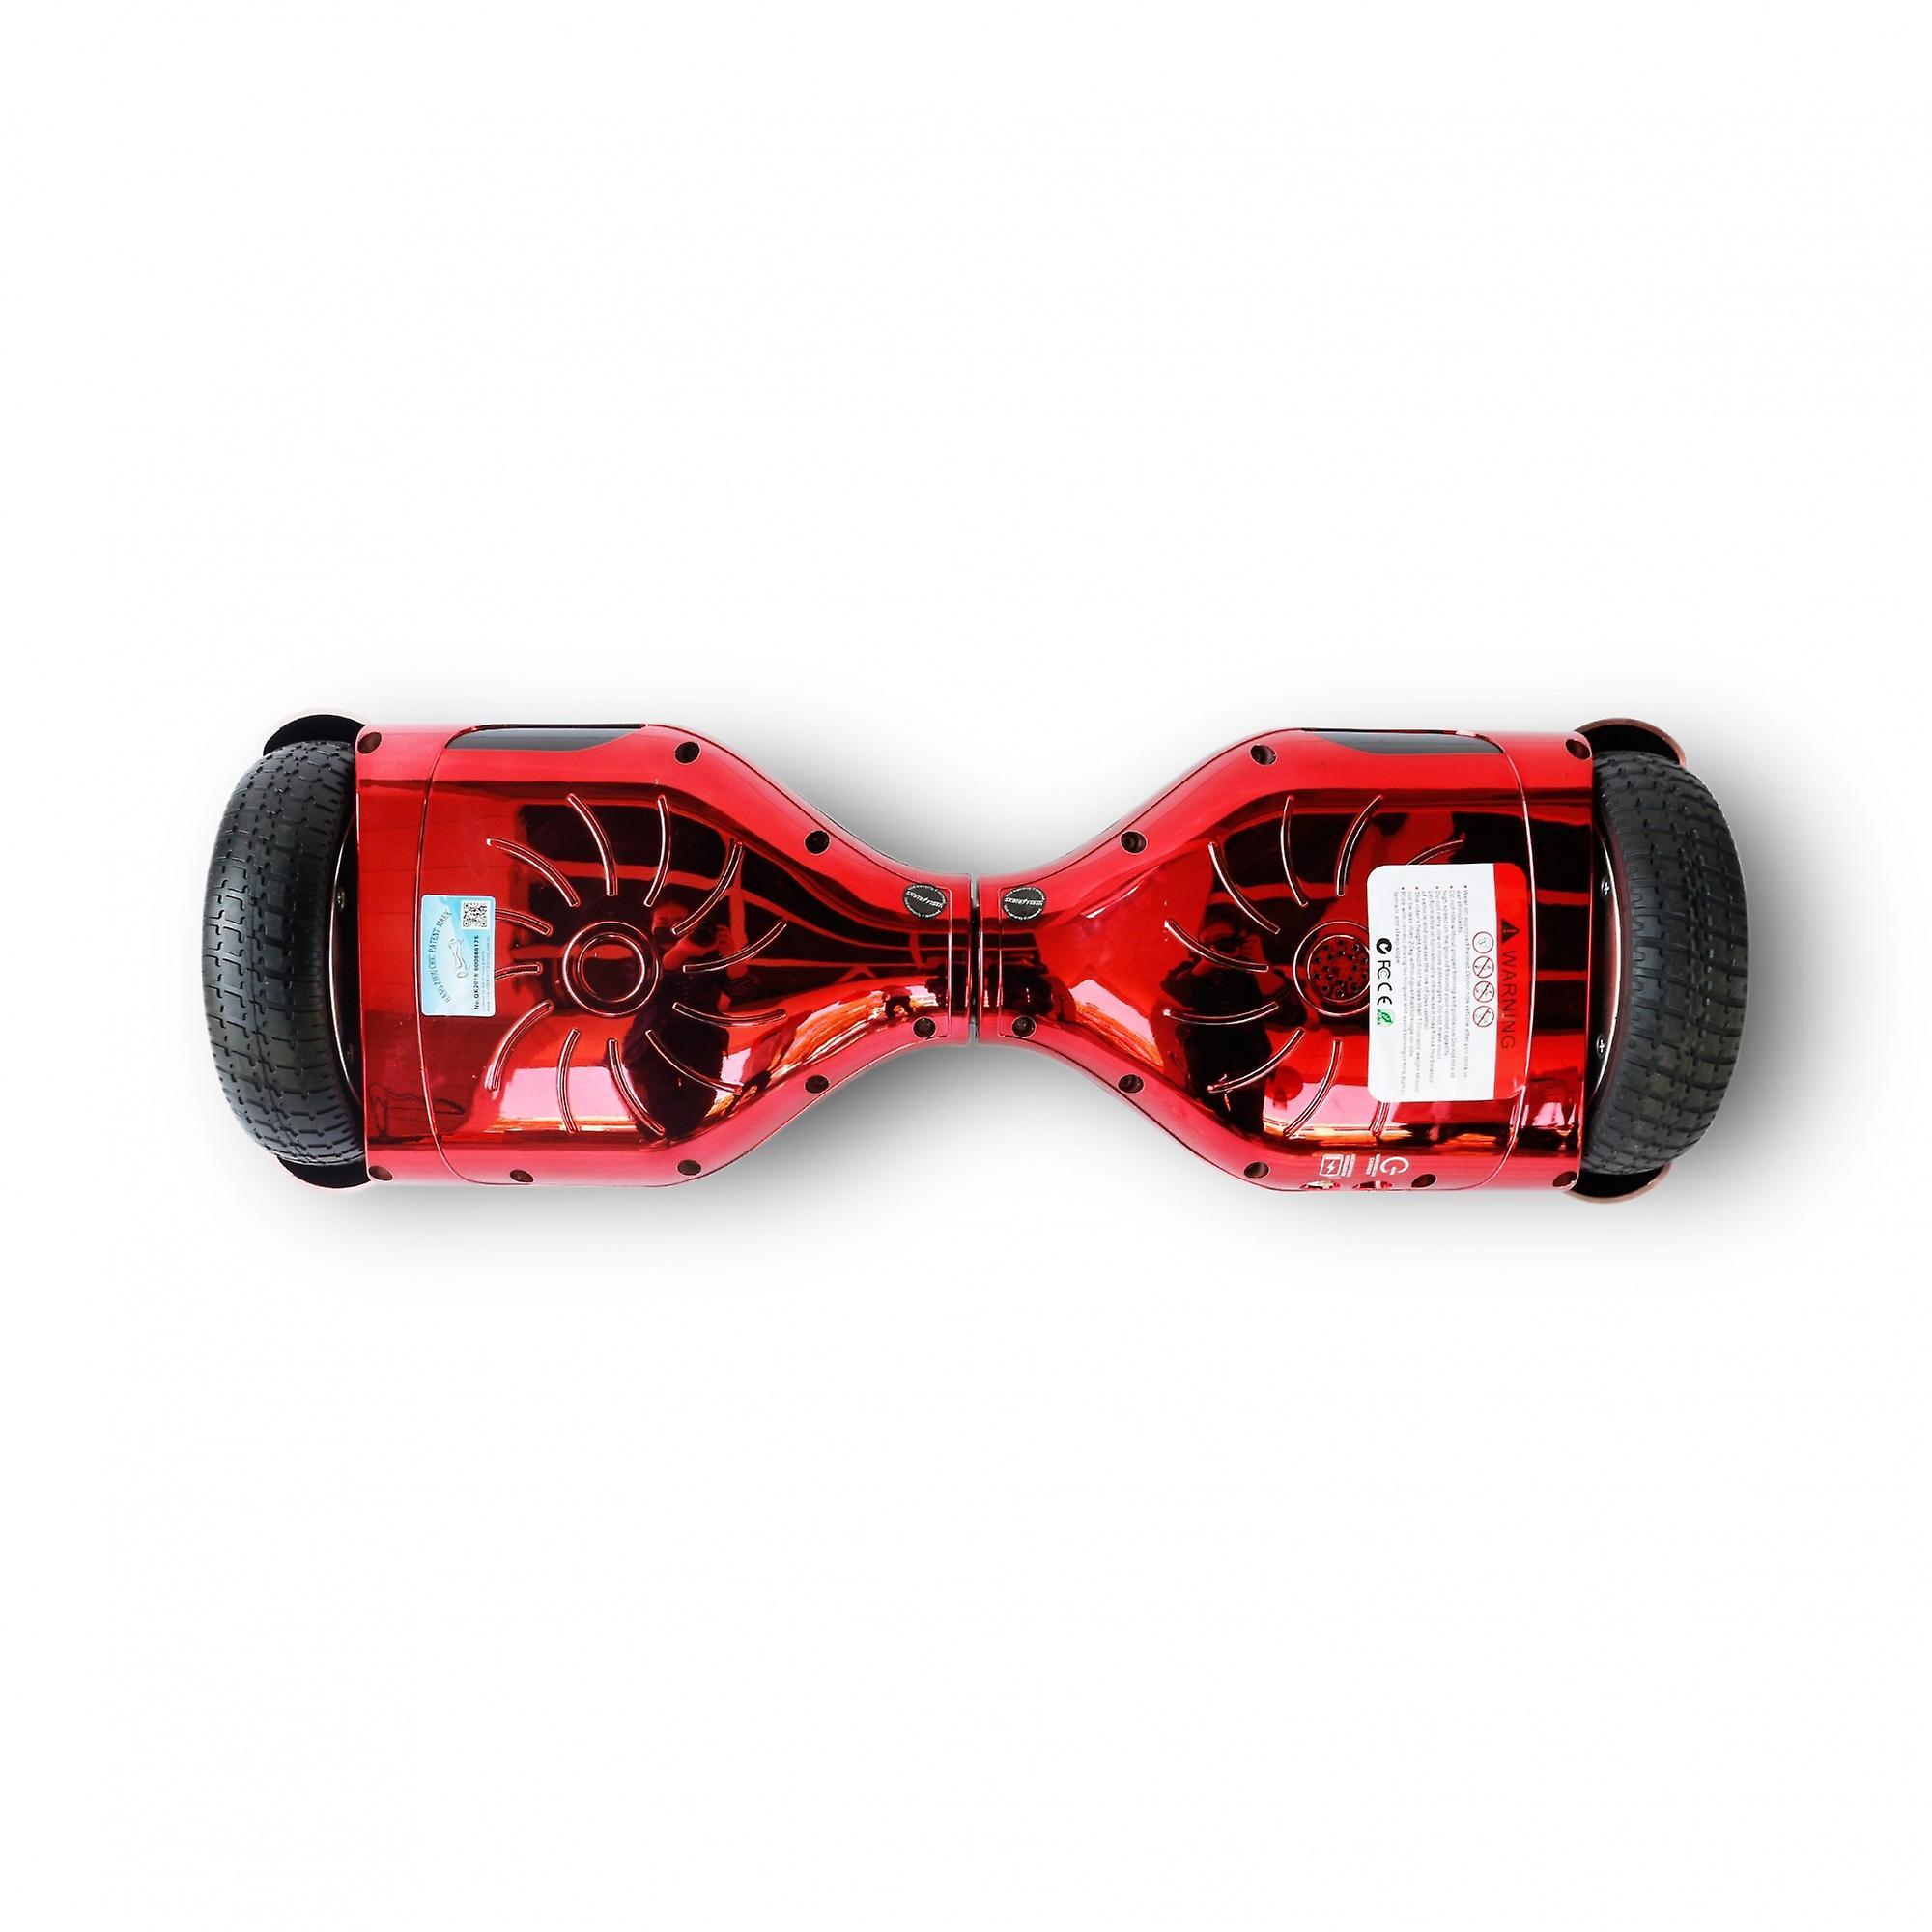 Hoverboard Skateflash K6 chroom rood Bluetooth + transport tas